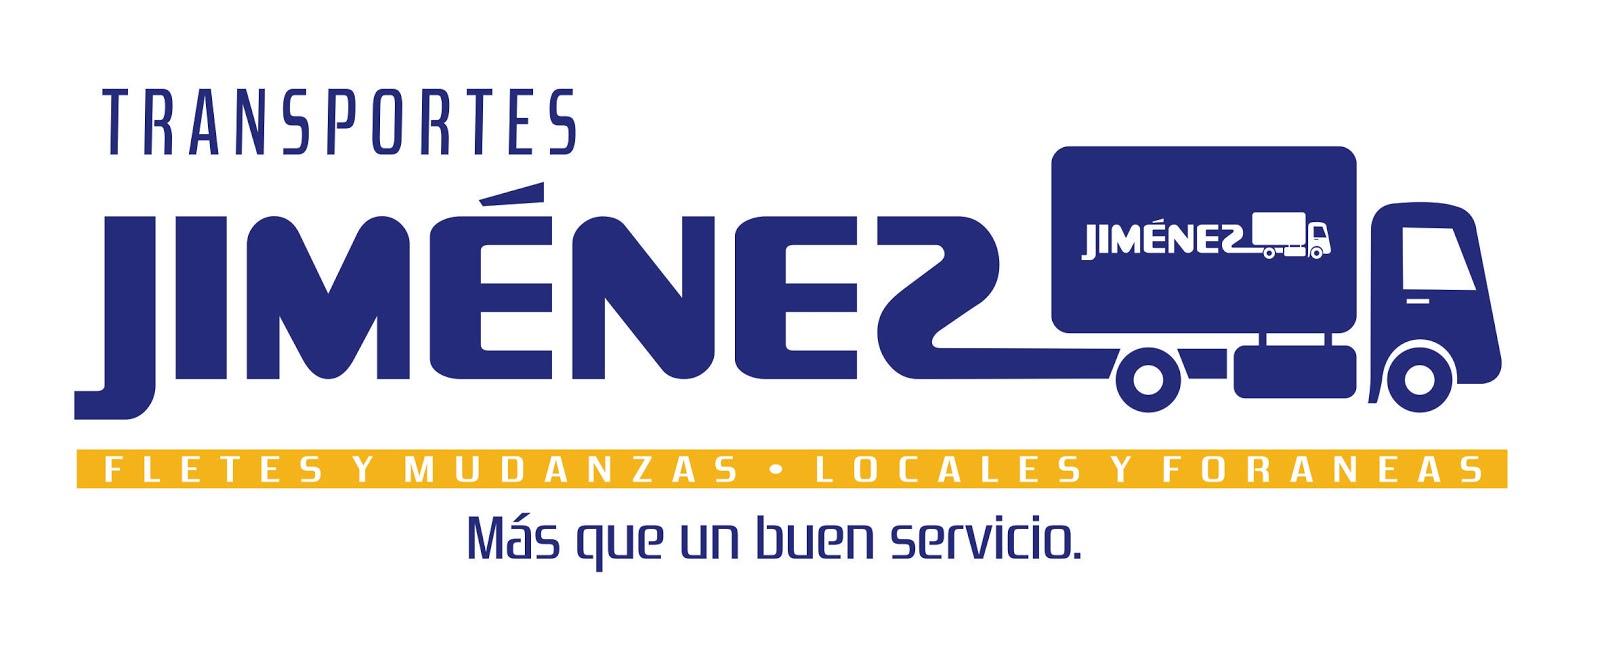 Transportes jimenez - Servicio de transporte ...